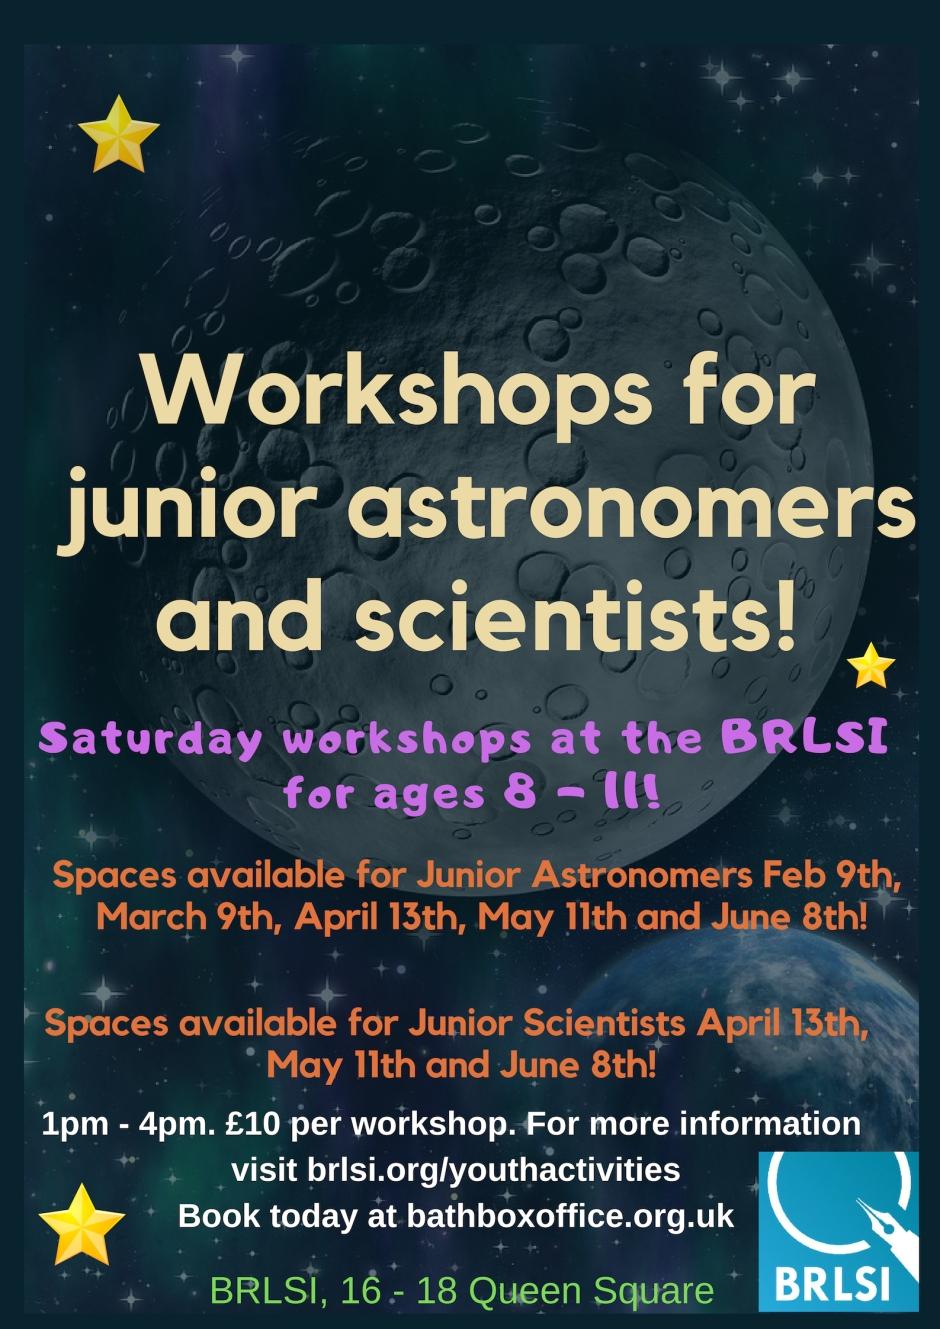 imgok workshop poster jan 2019 (002)